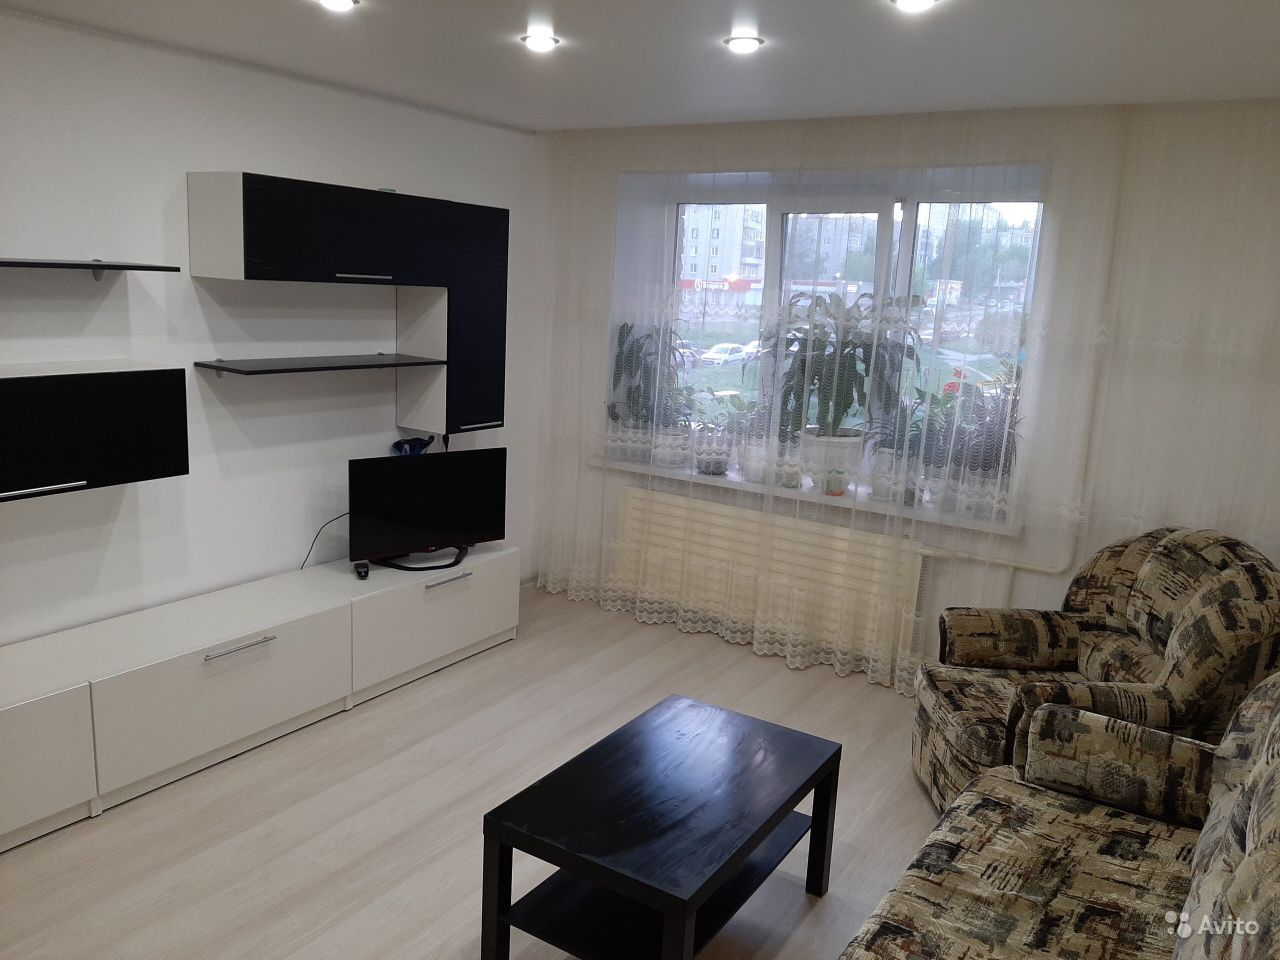 Недвижимость Квартиры / 4-к квартира, 71.1 м², 2/9 эт.